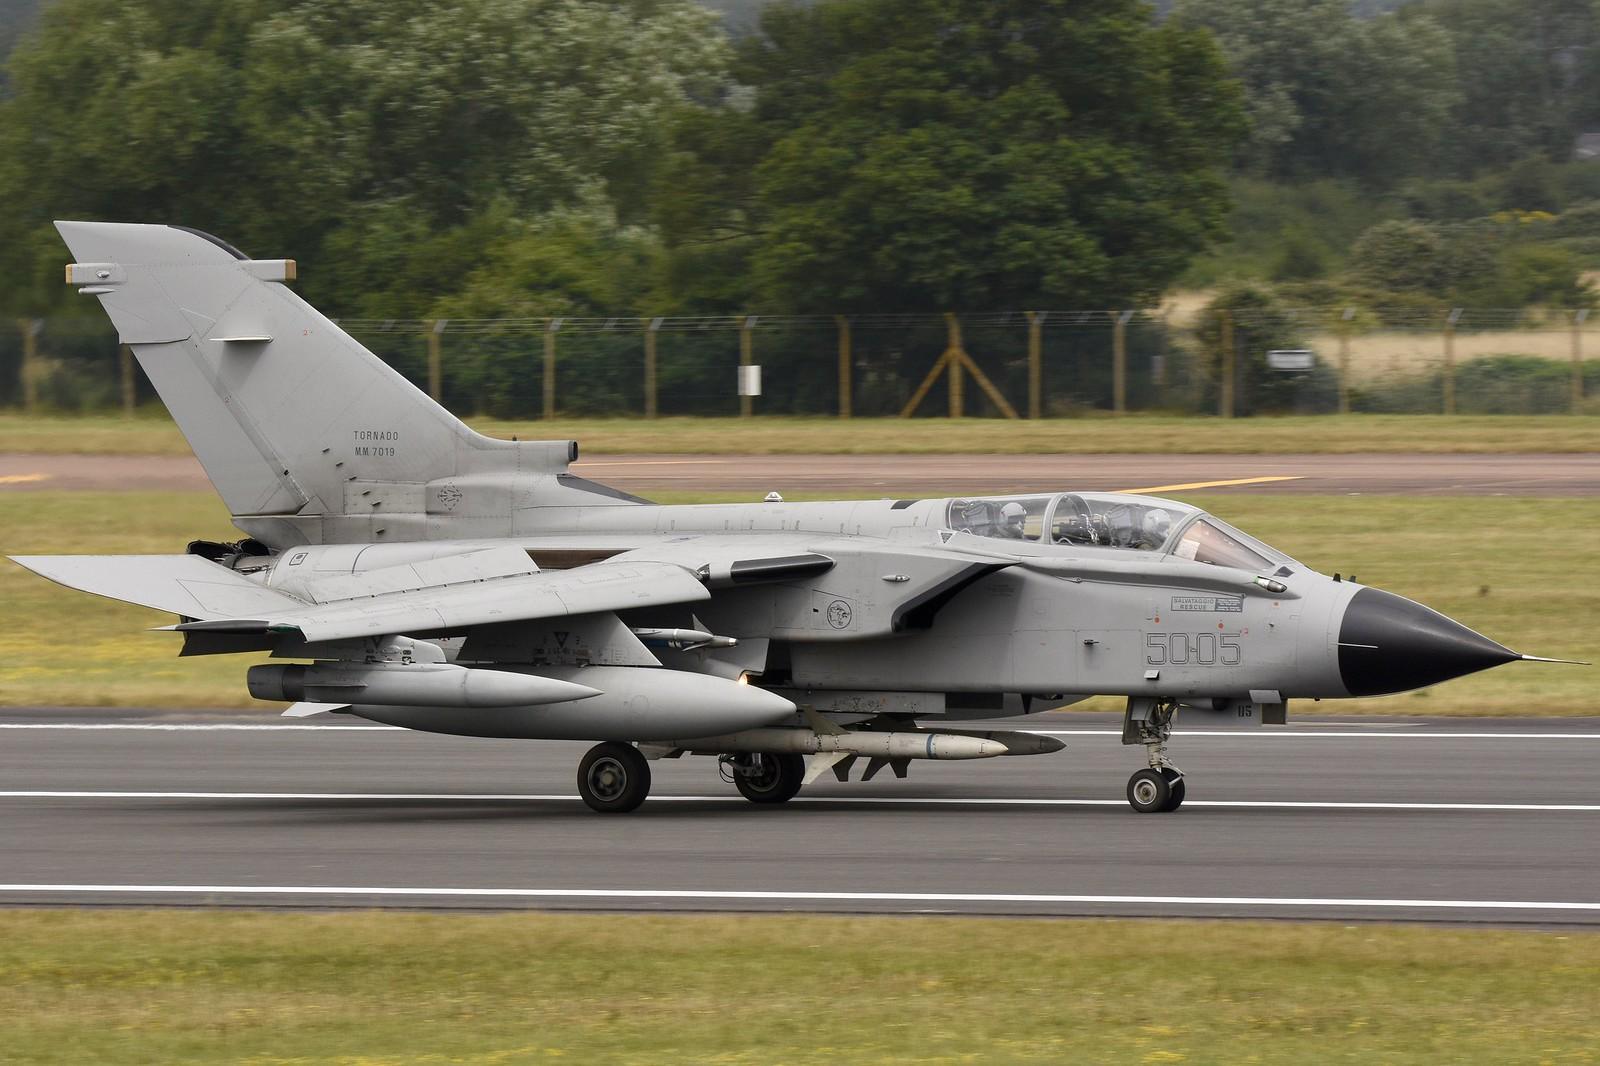 Panavia Tornado 19717765006_5e99be39ad_h